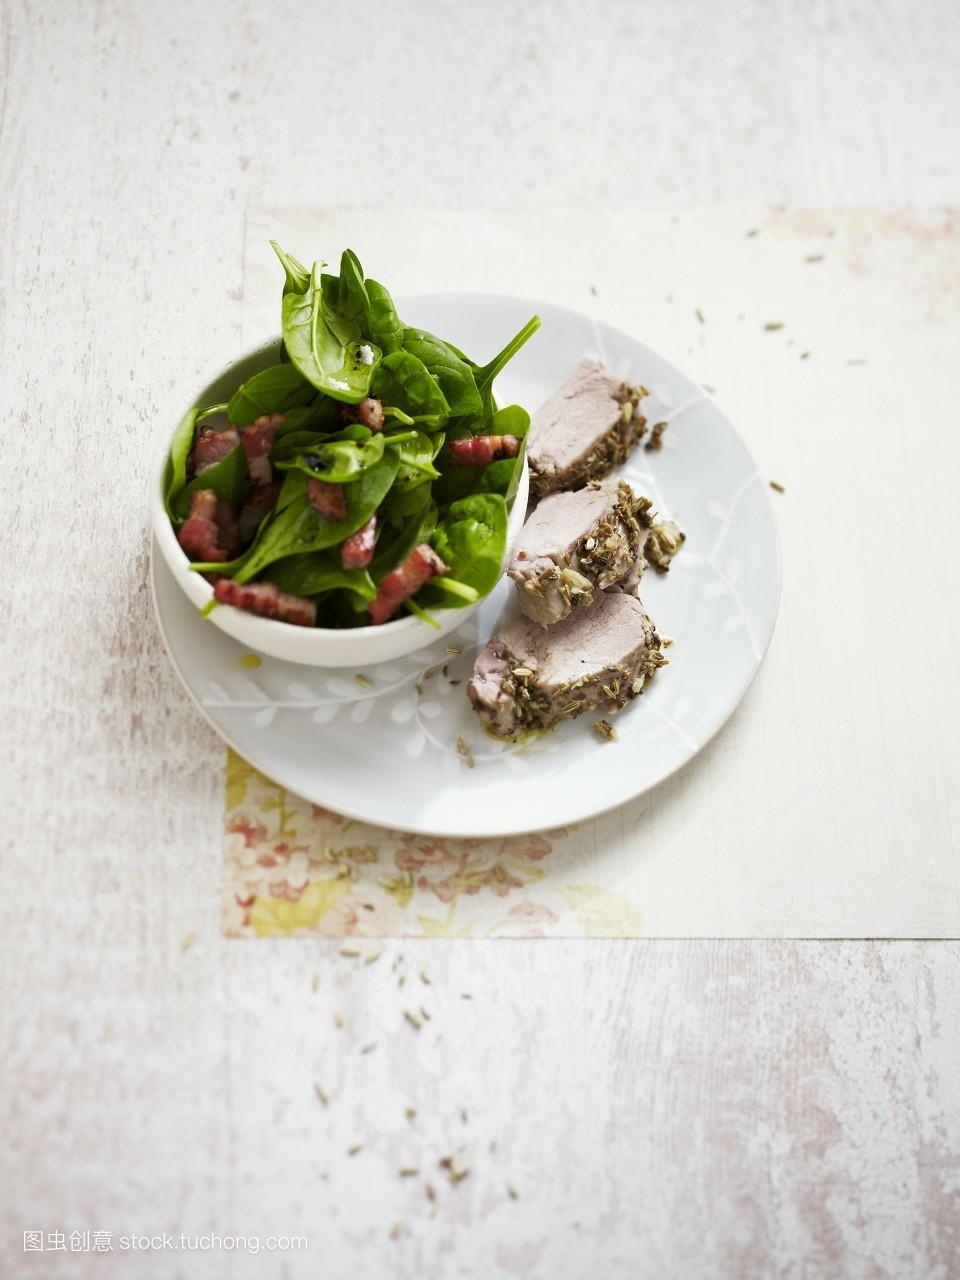 营养,肉类,就绪,辣,配方,猪肉,器皿,盘子,美味,做,大量,素菜,沙拉图片